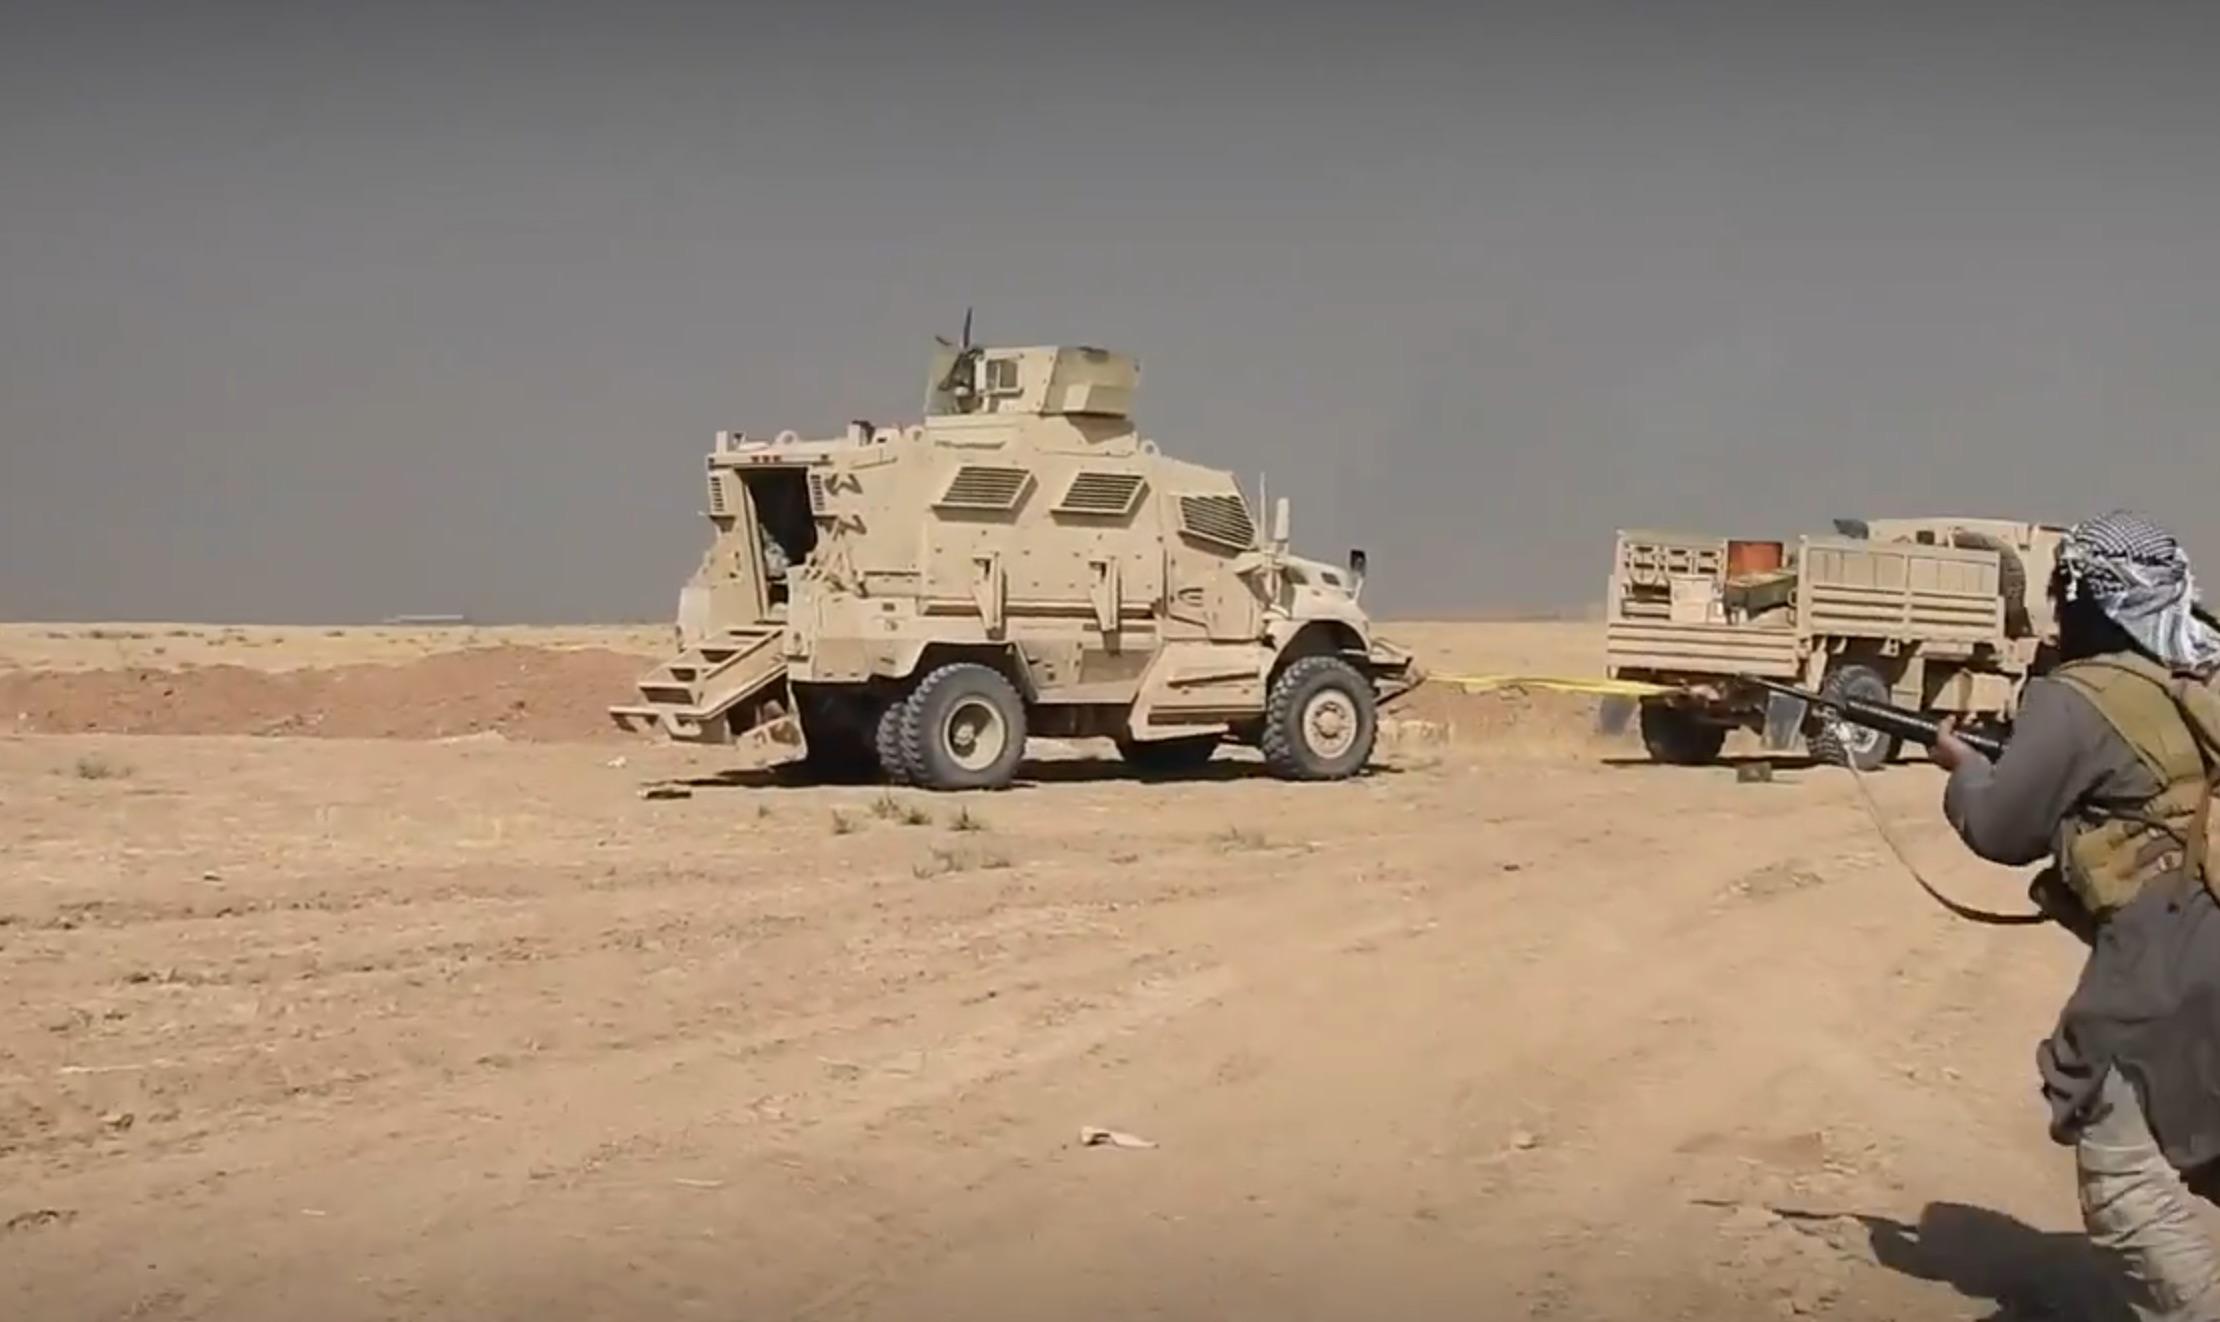 Un combattant de l'état islamique sur le front de Mossoul (image de propagande)